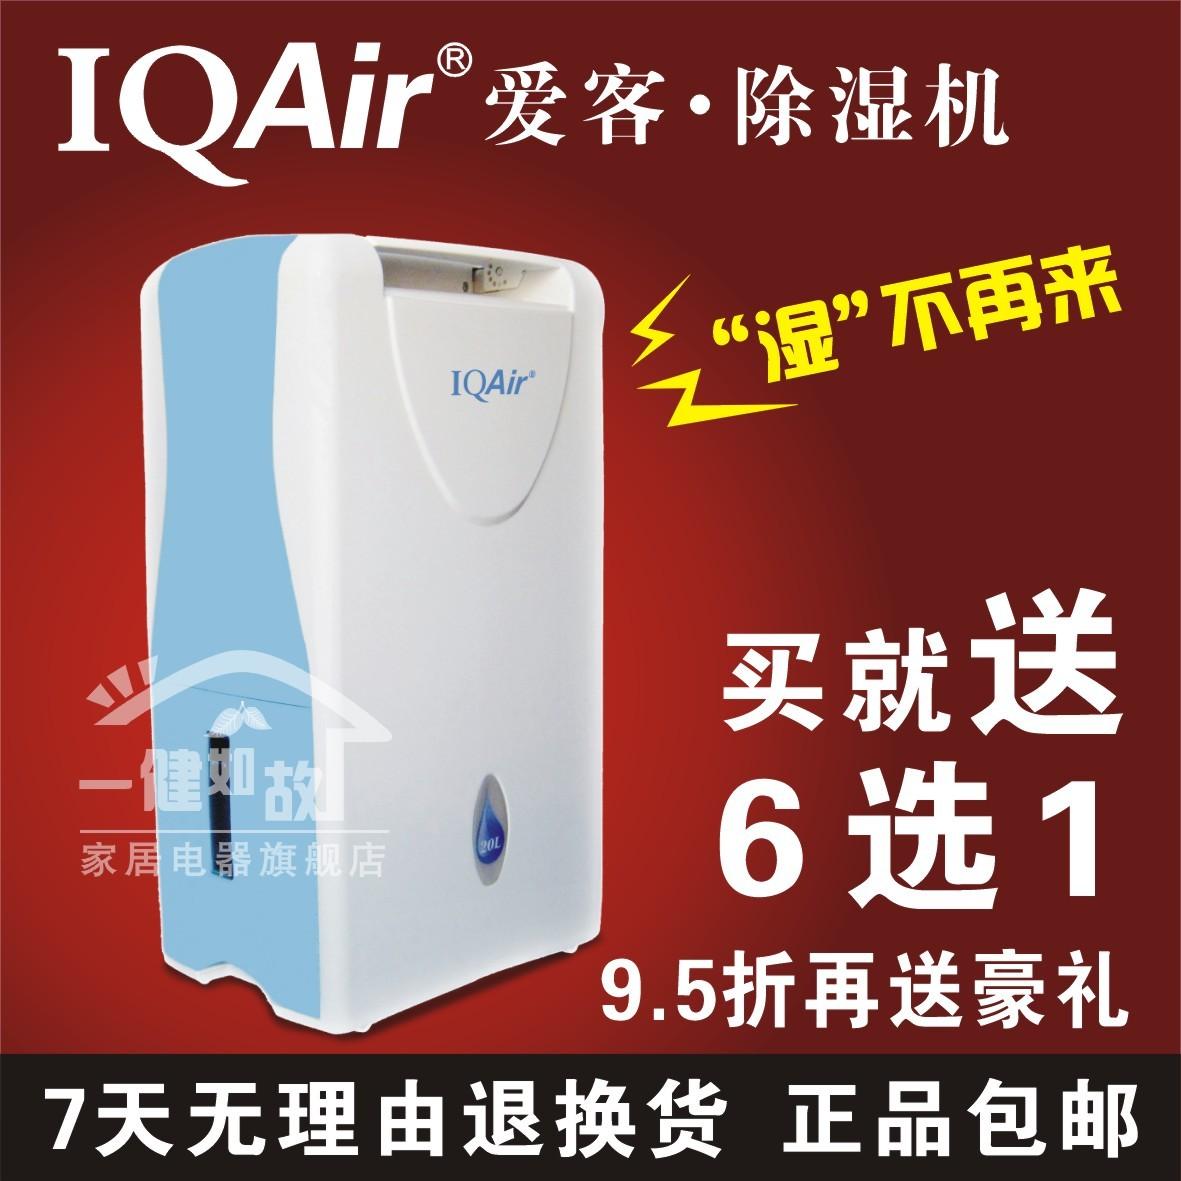 Осушитель воздуха Iqair  IQ-820B 9.5